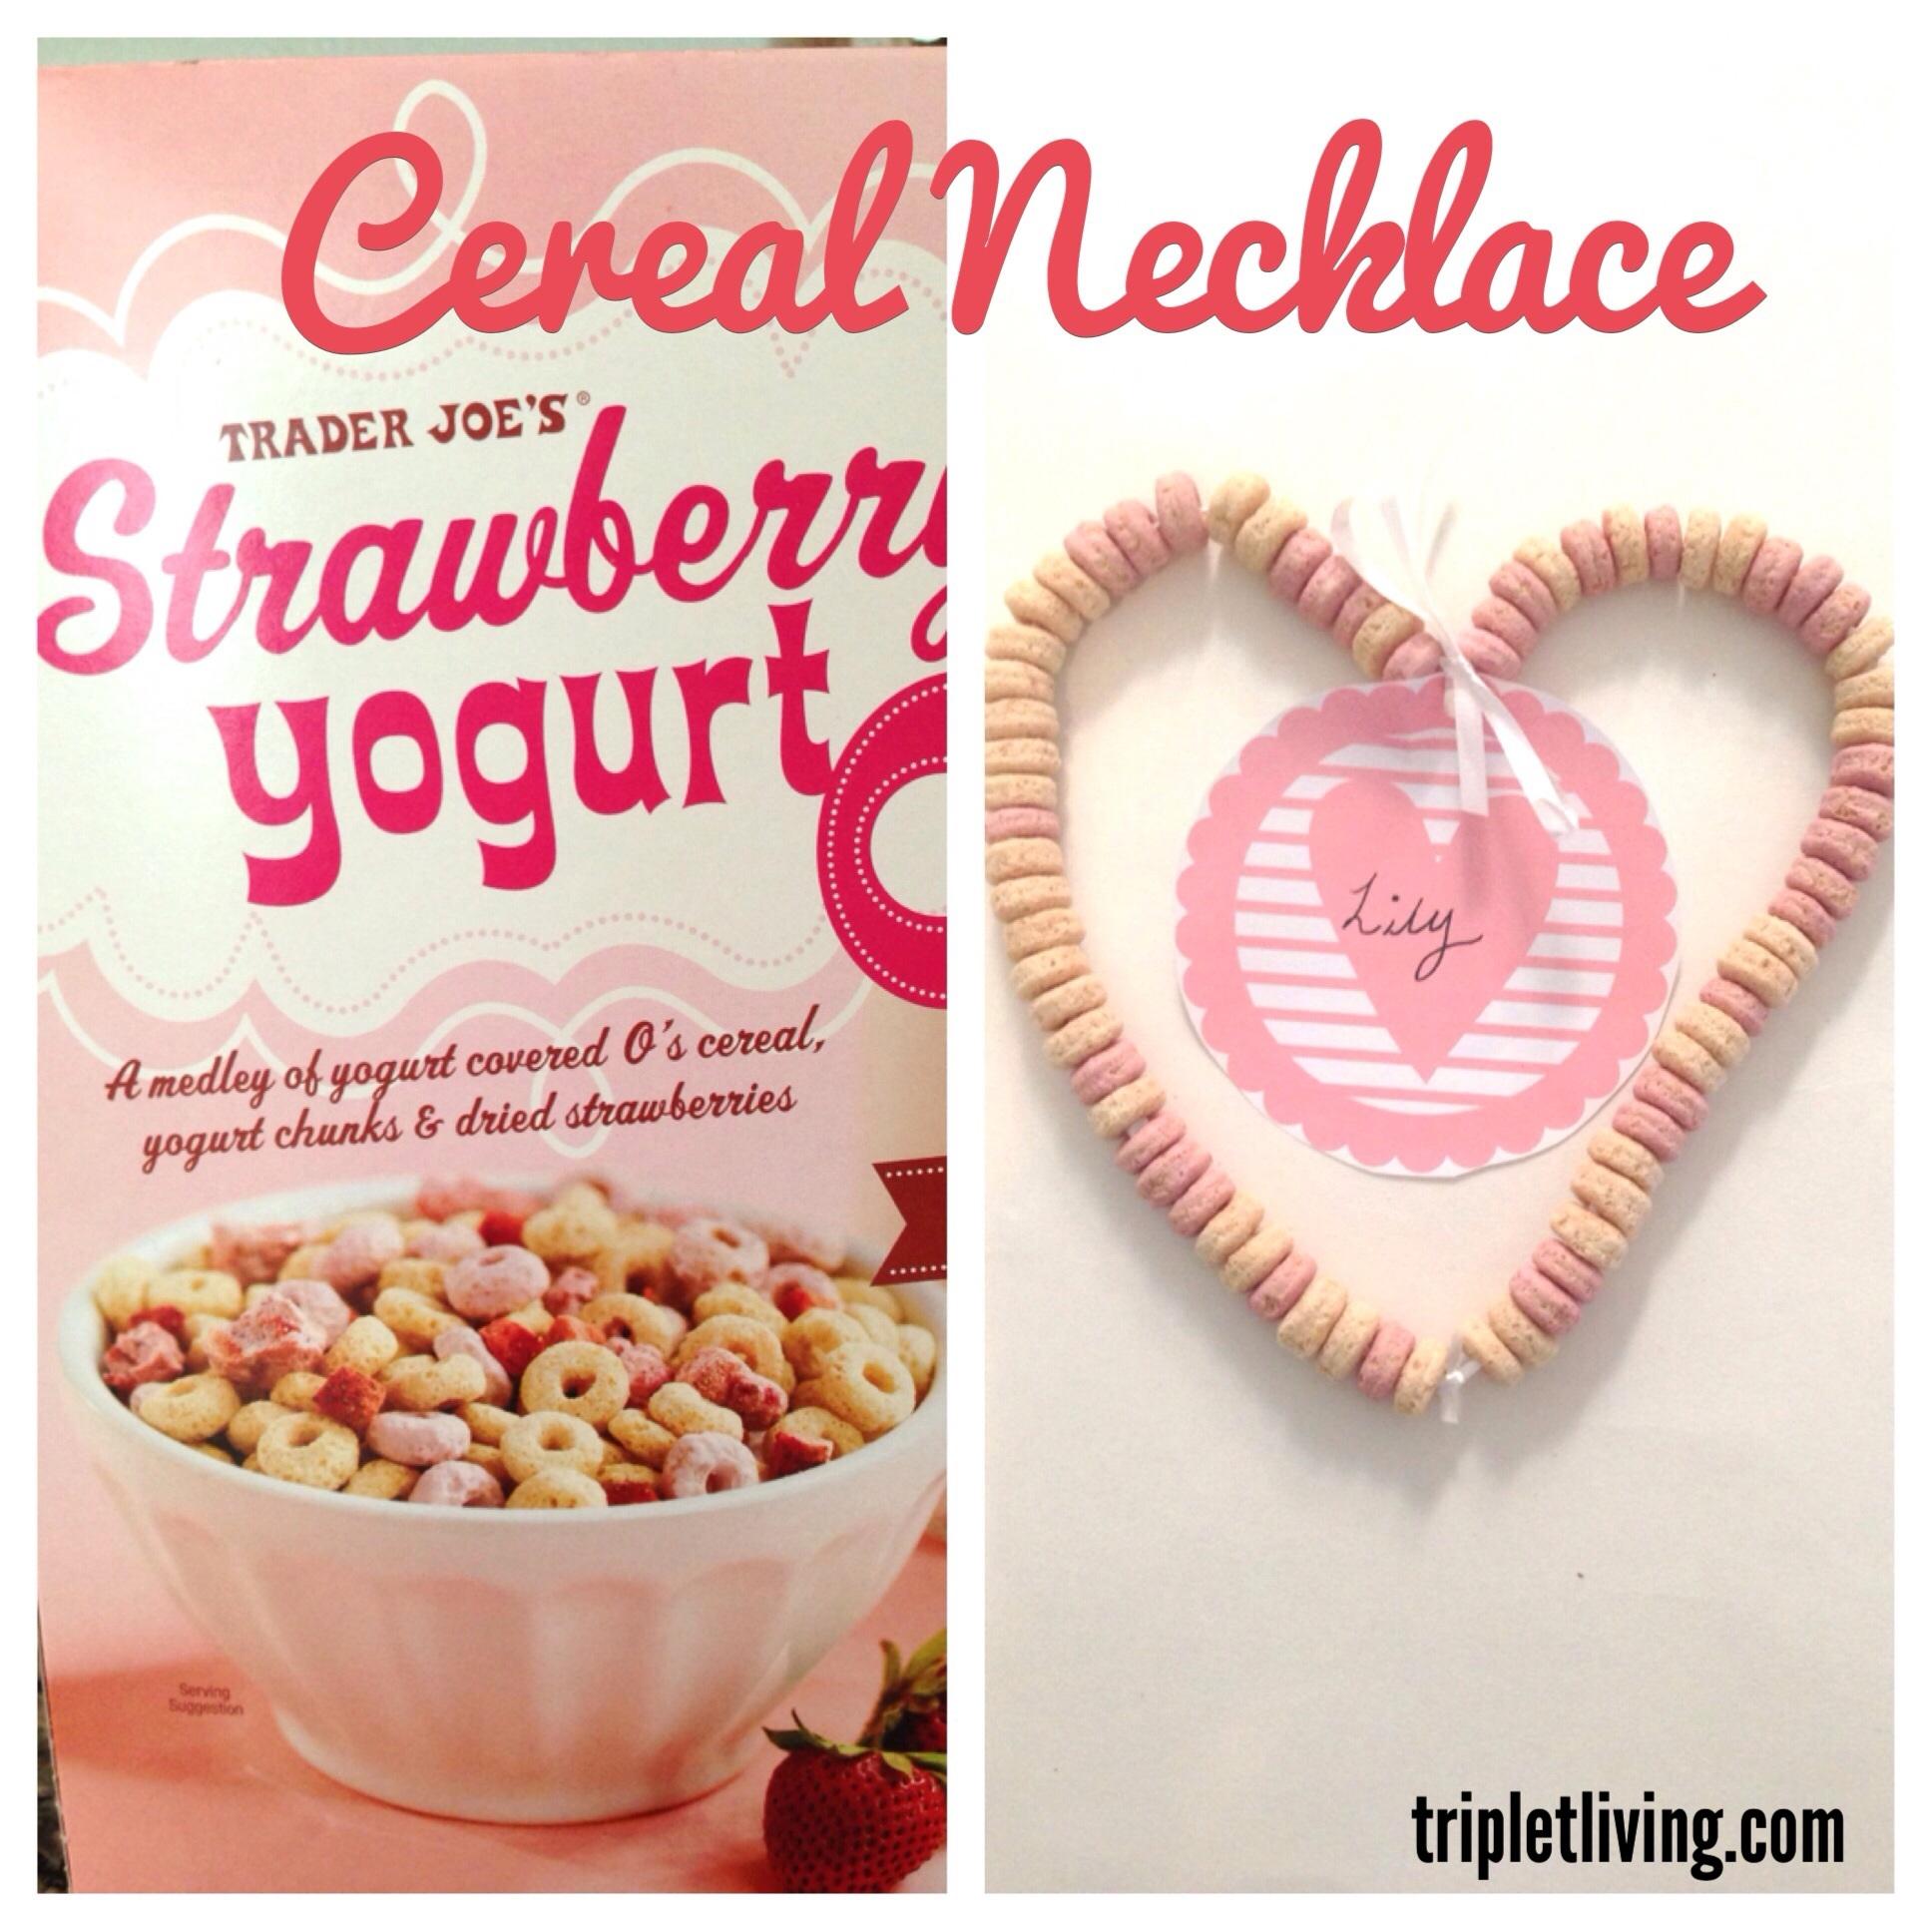 @tripletliving cereal necklace